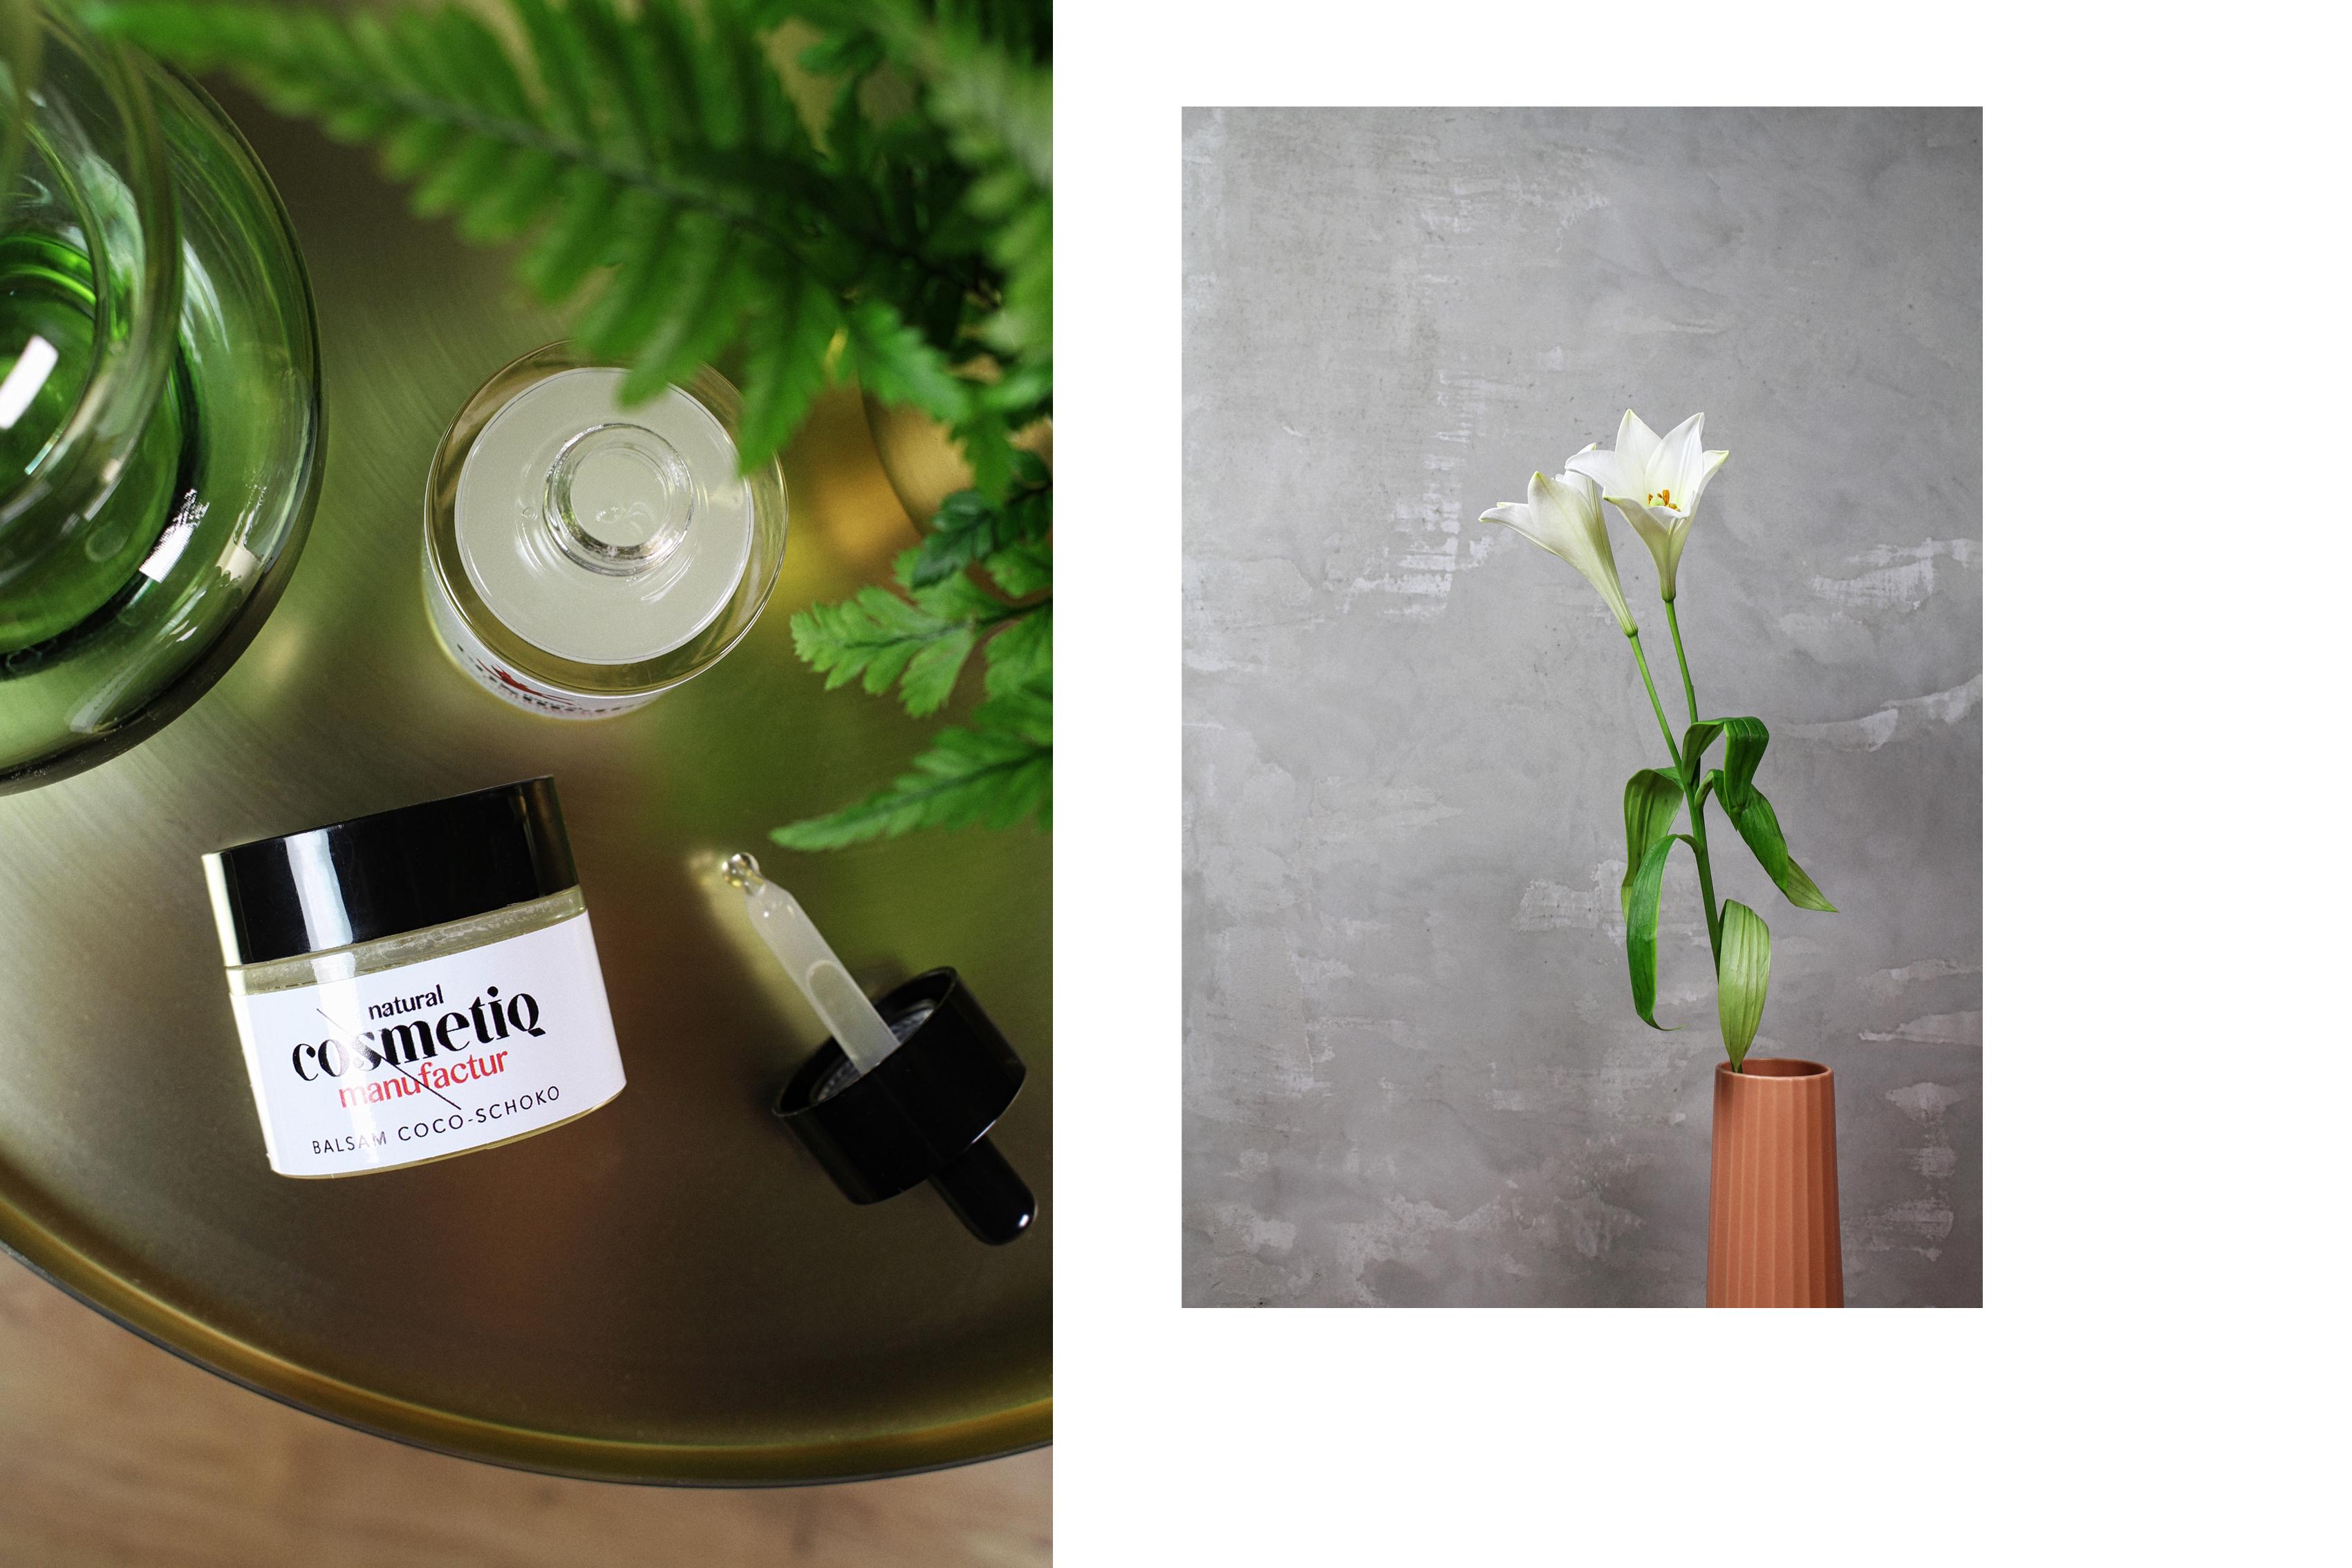 naturkosmetik-balsam-coco-schoko-natural-cosmetiq-manufactur